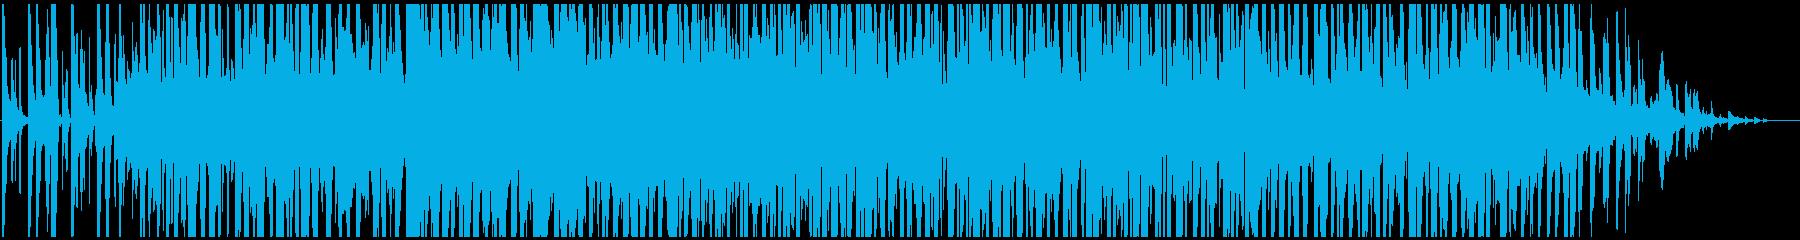 露骨な歌詞のヒップホップラップチュ...の再生済みの波形